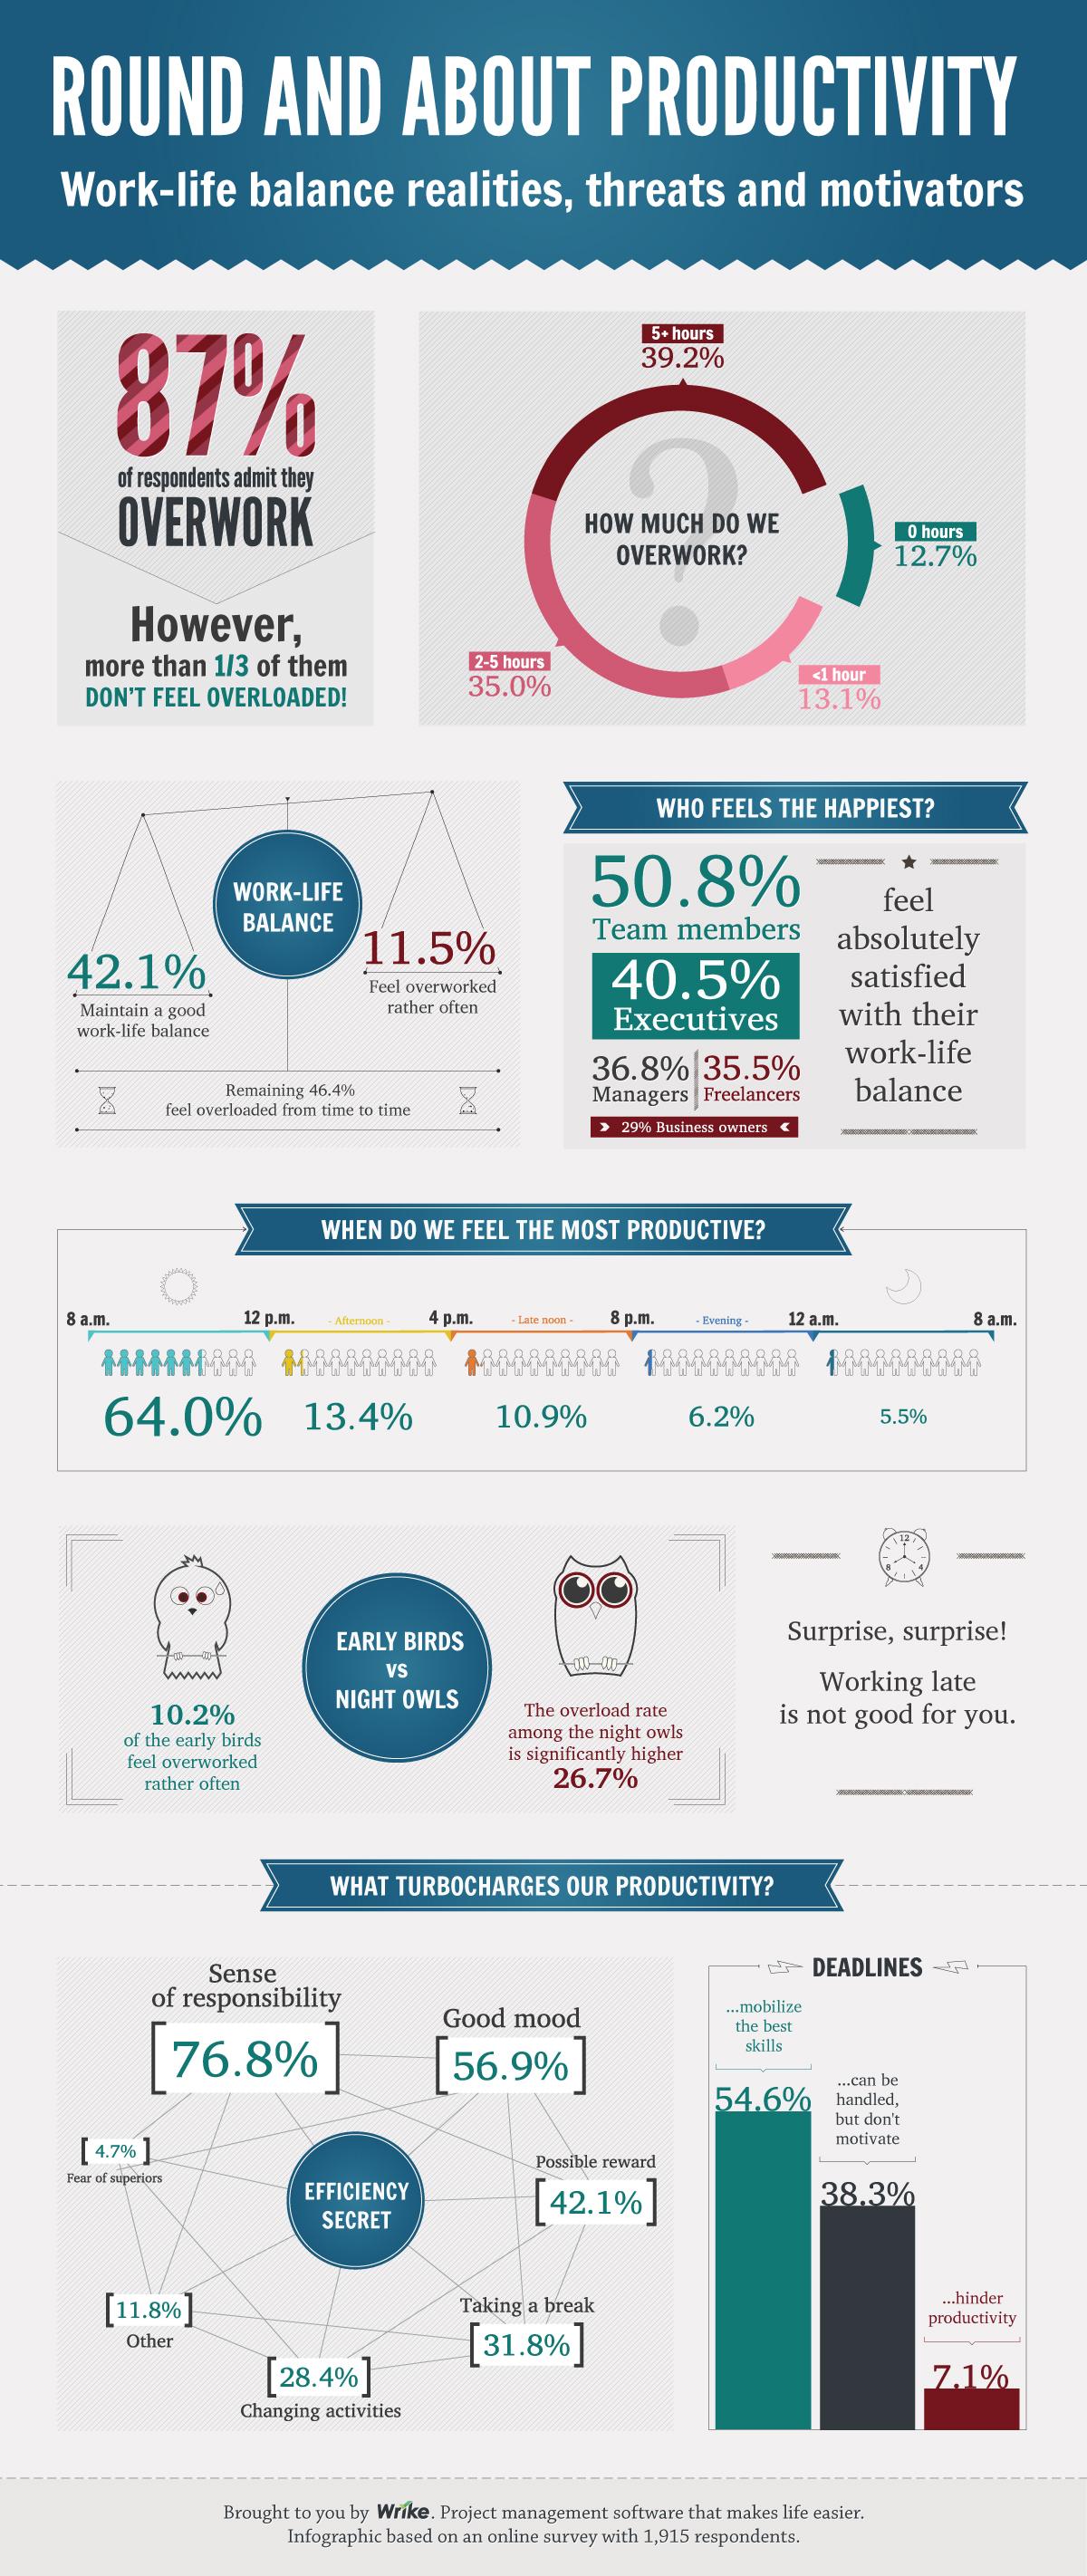 https://i0.wp.com/www.wrike.com/blog_images/311816/Wrike_productivity_survey_infographic.jpg